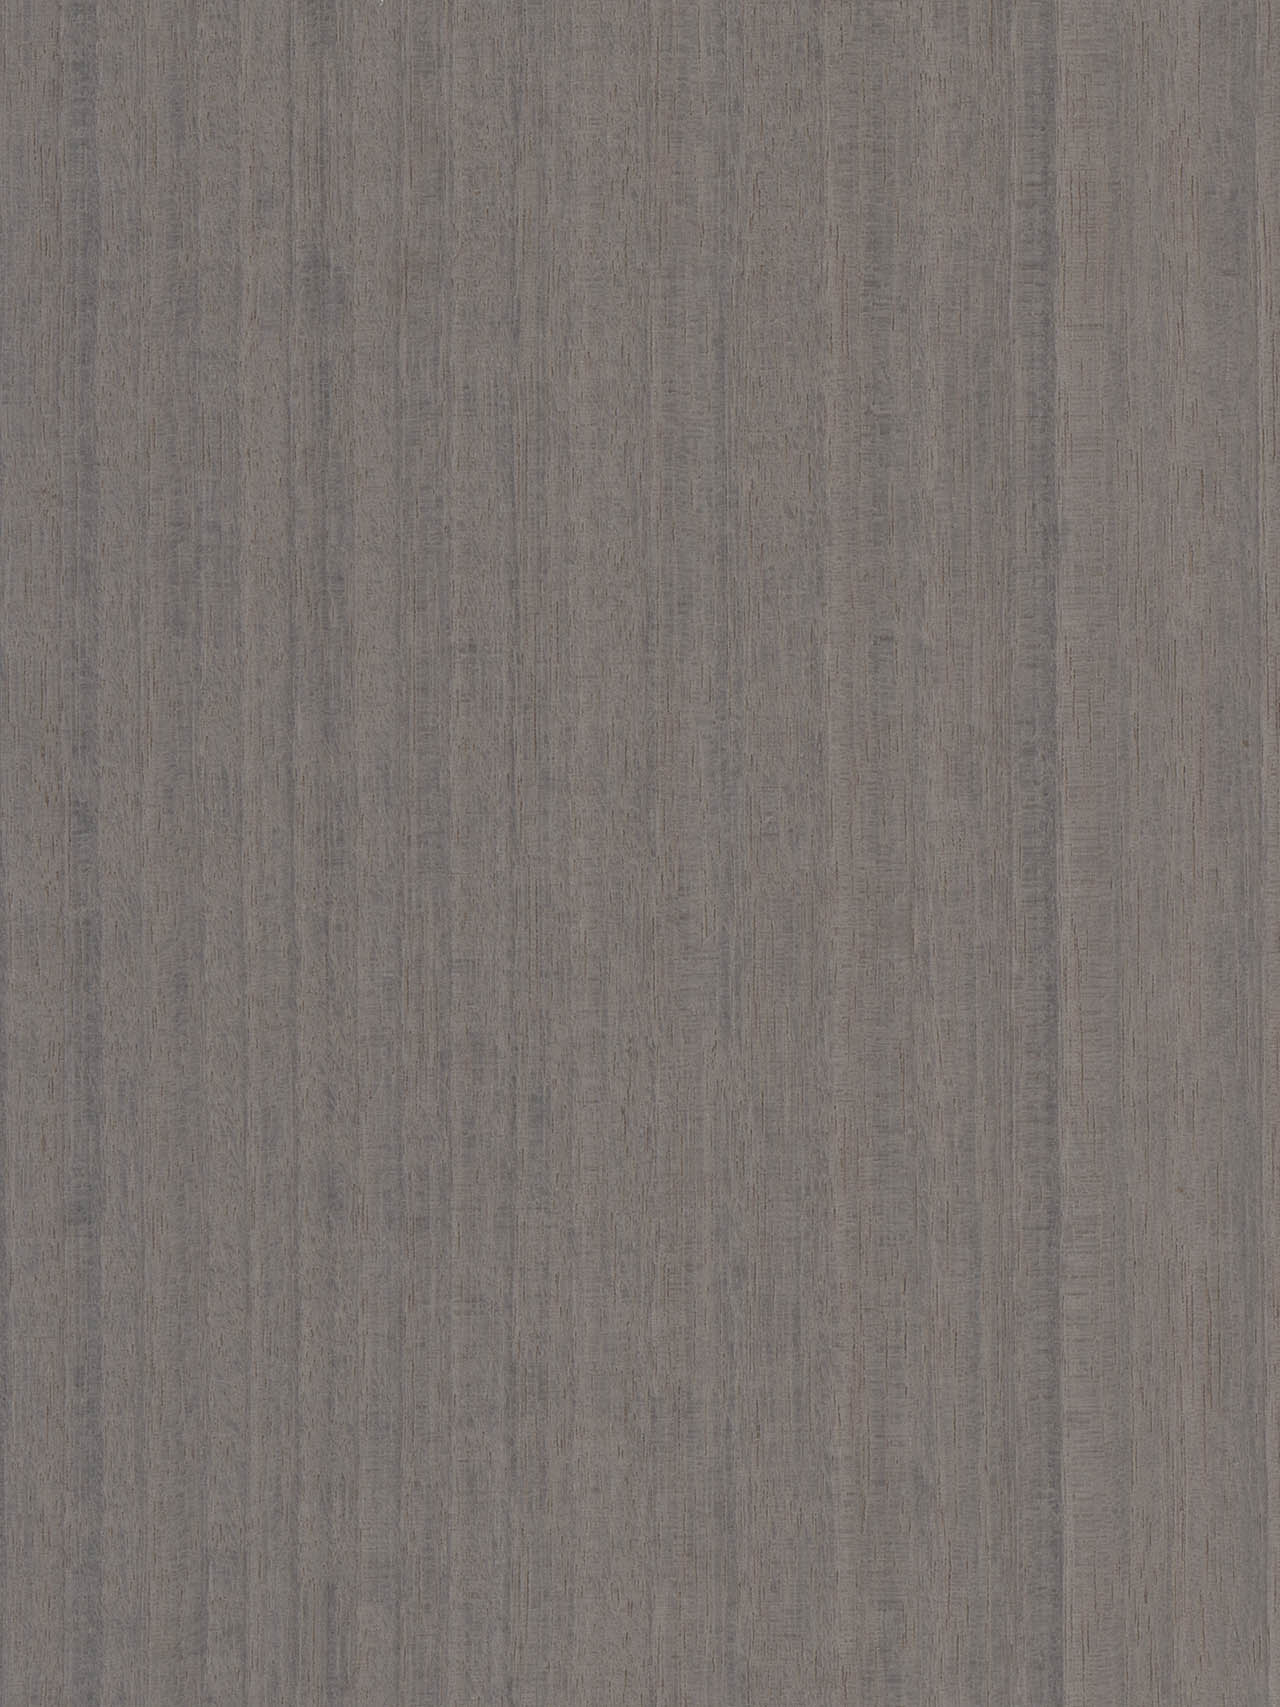 Chapa madera Eucalipto Ceniza GBF105 Losán